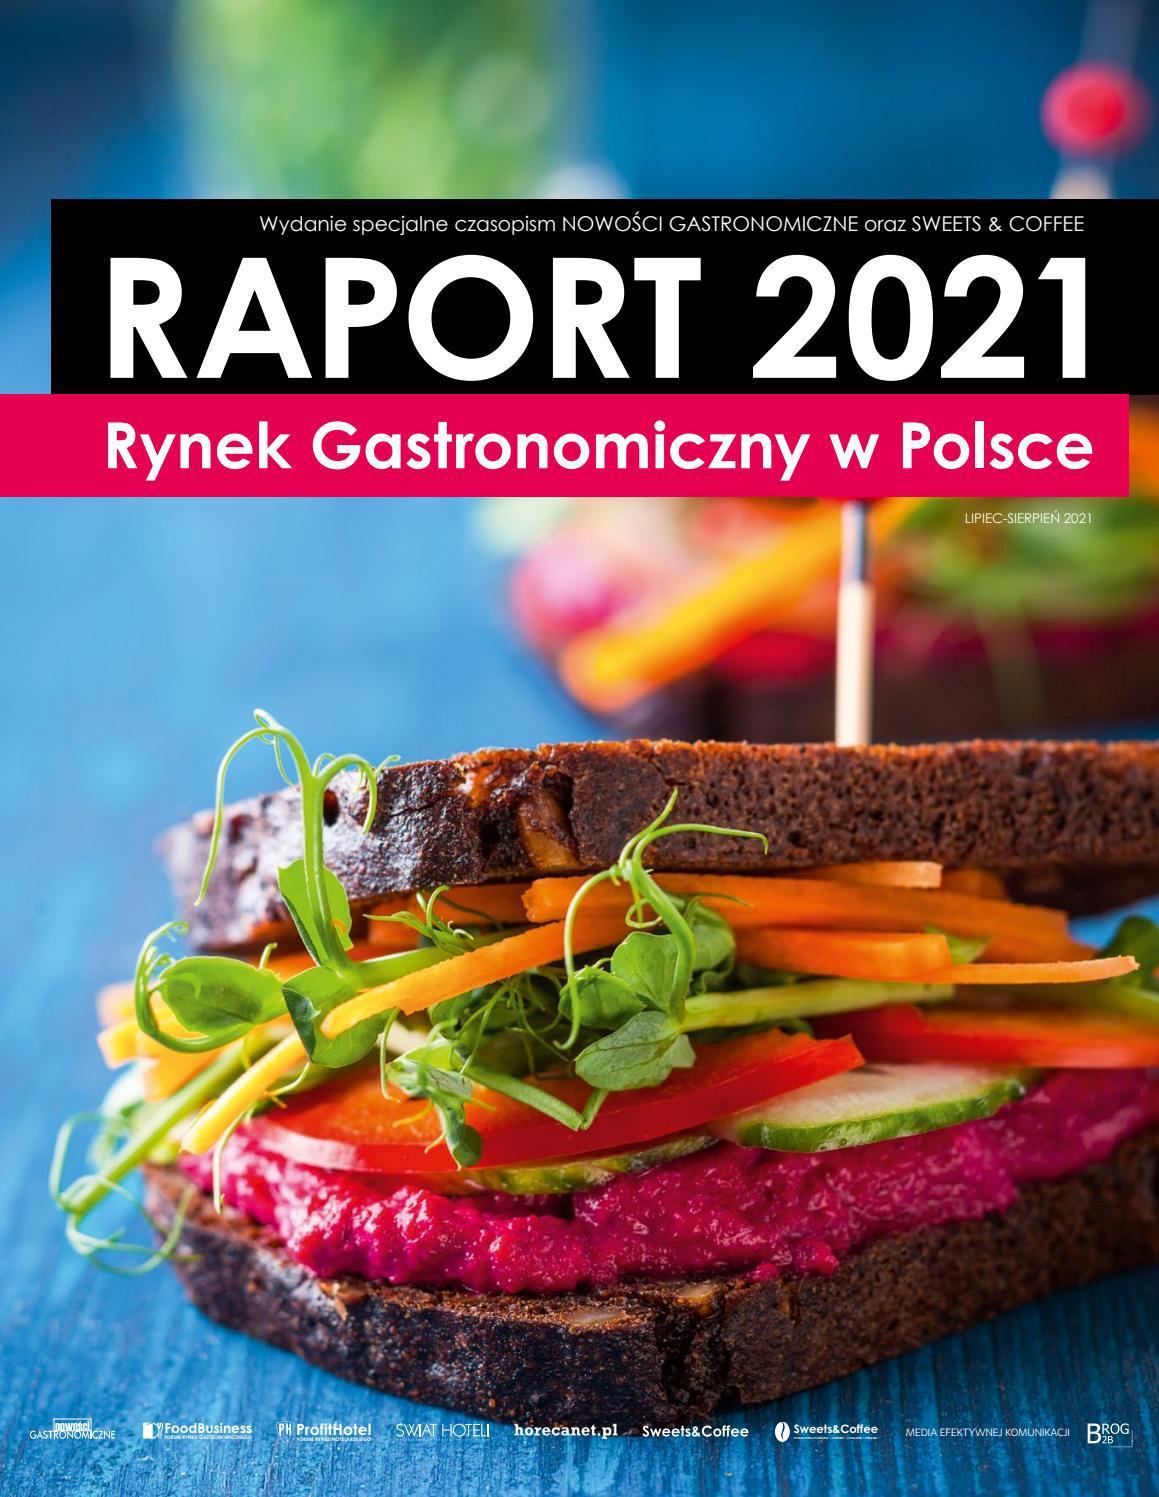 RYNEK GASTRONOMICZNY W POLSCE - RAPORT 2021